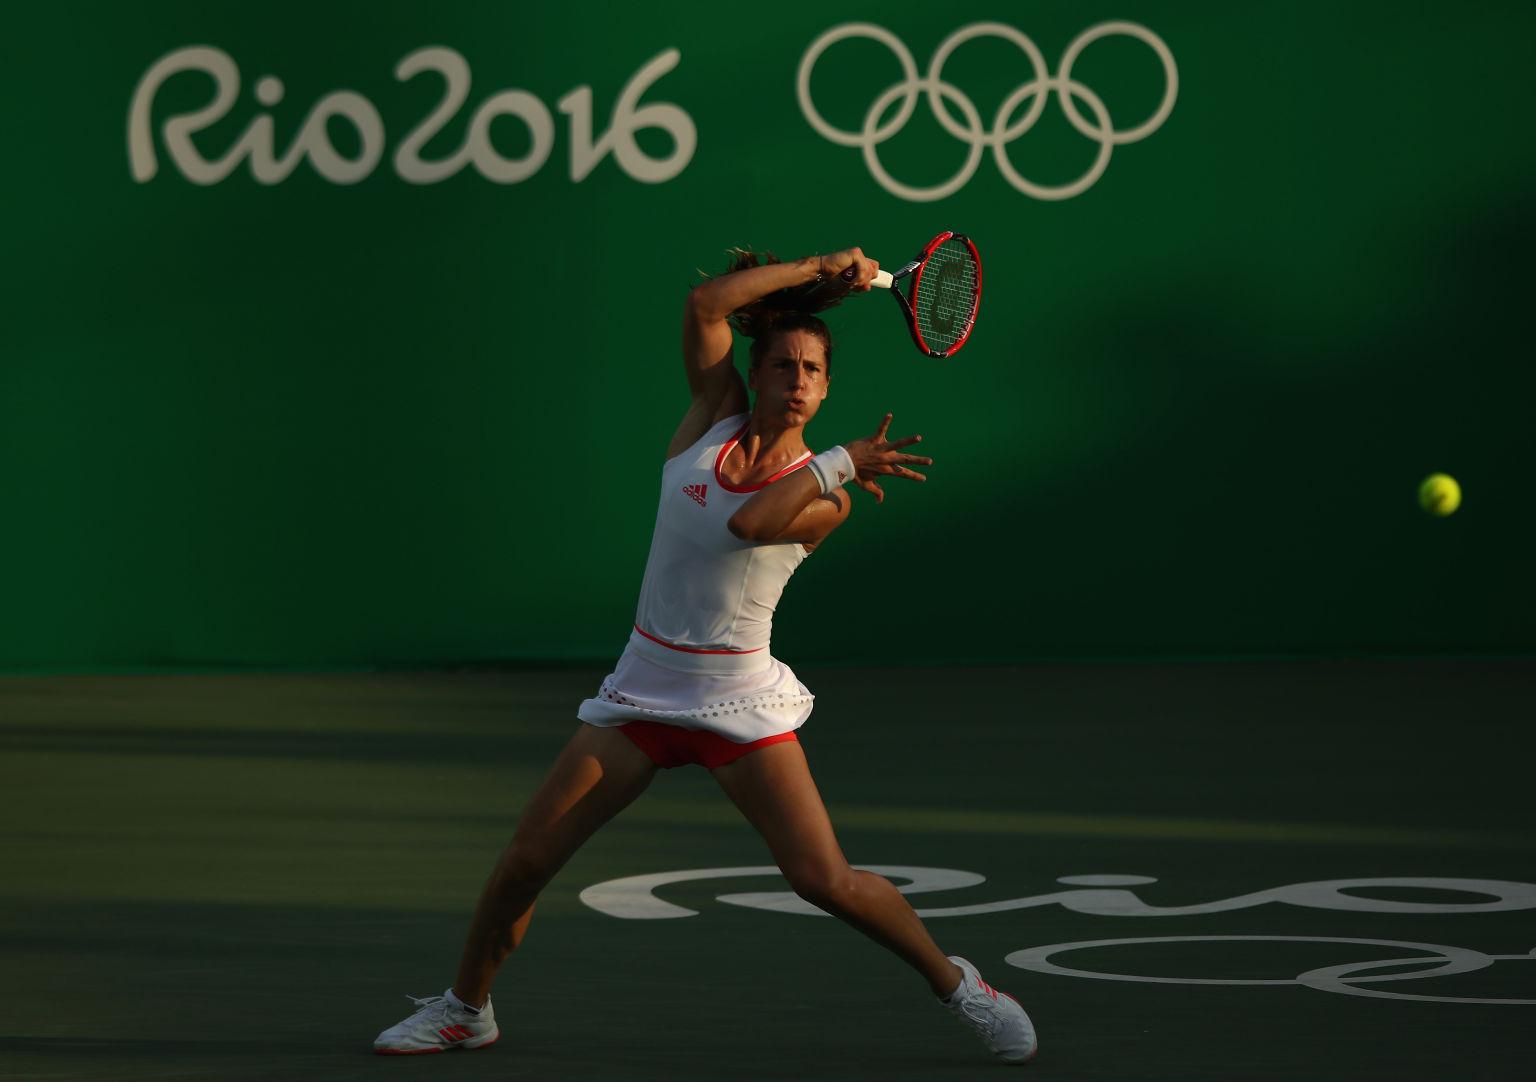 Kurzes Vergnügen: Andrea Petkovic unterlag Elina Svitolina in Runde eins.